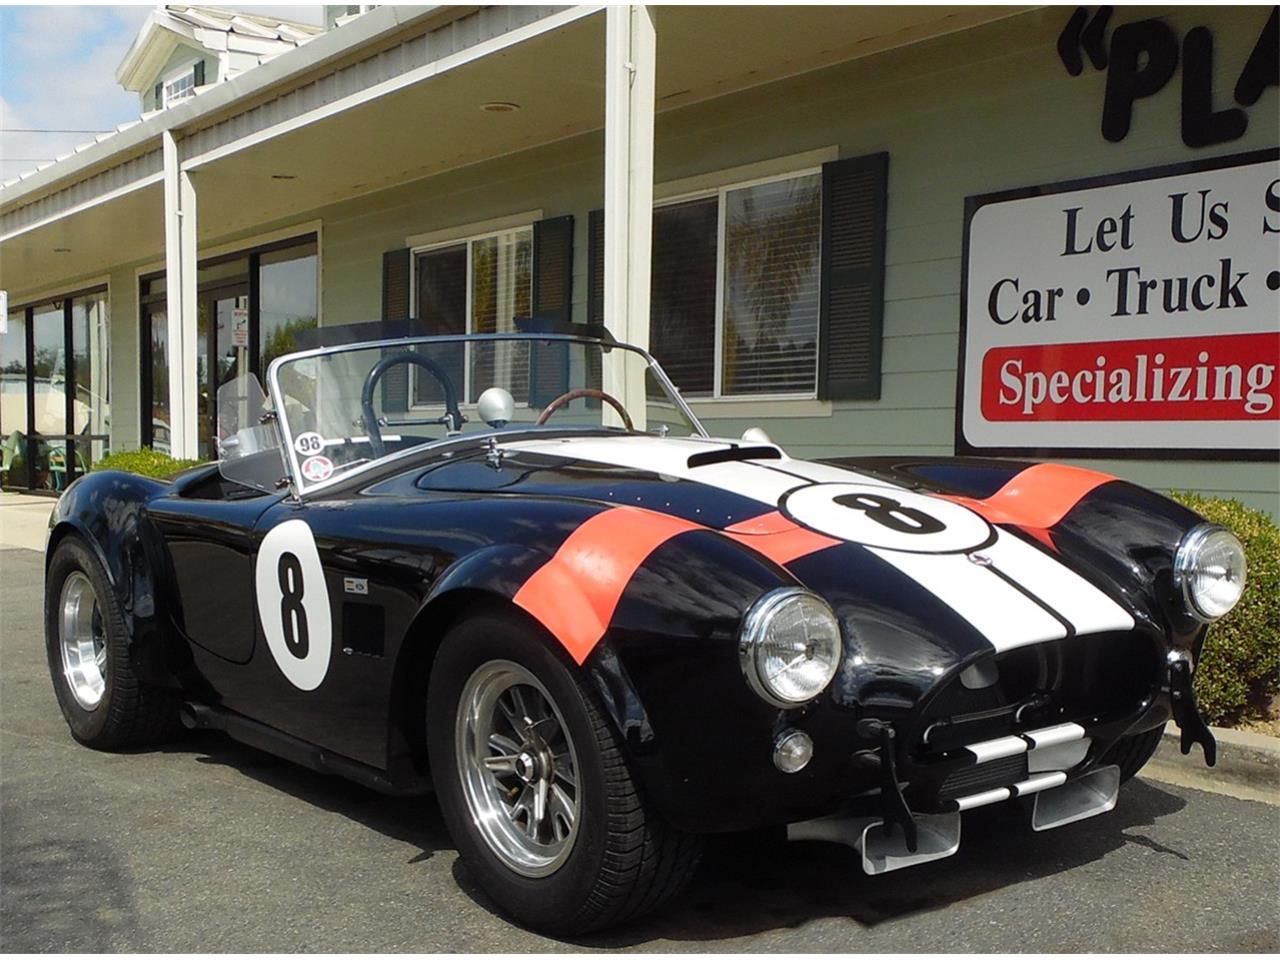 1964 ford cobra for sale classiccars cc 1029745 1964 Cobra Car large picture of 64 cobra m2k1